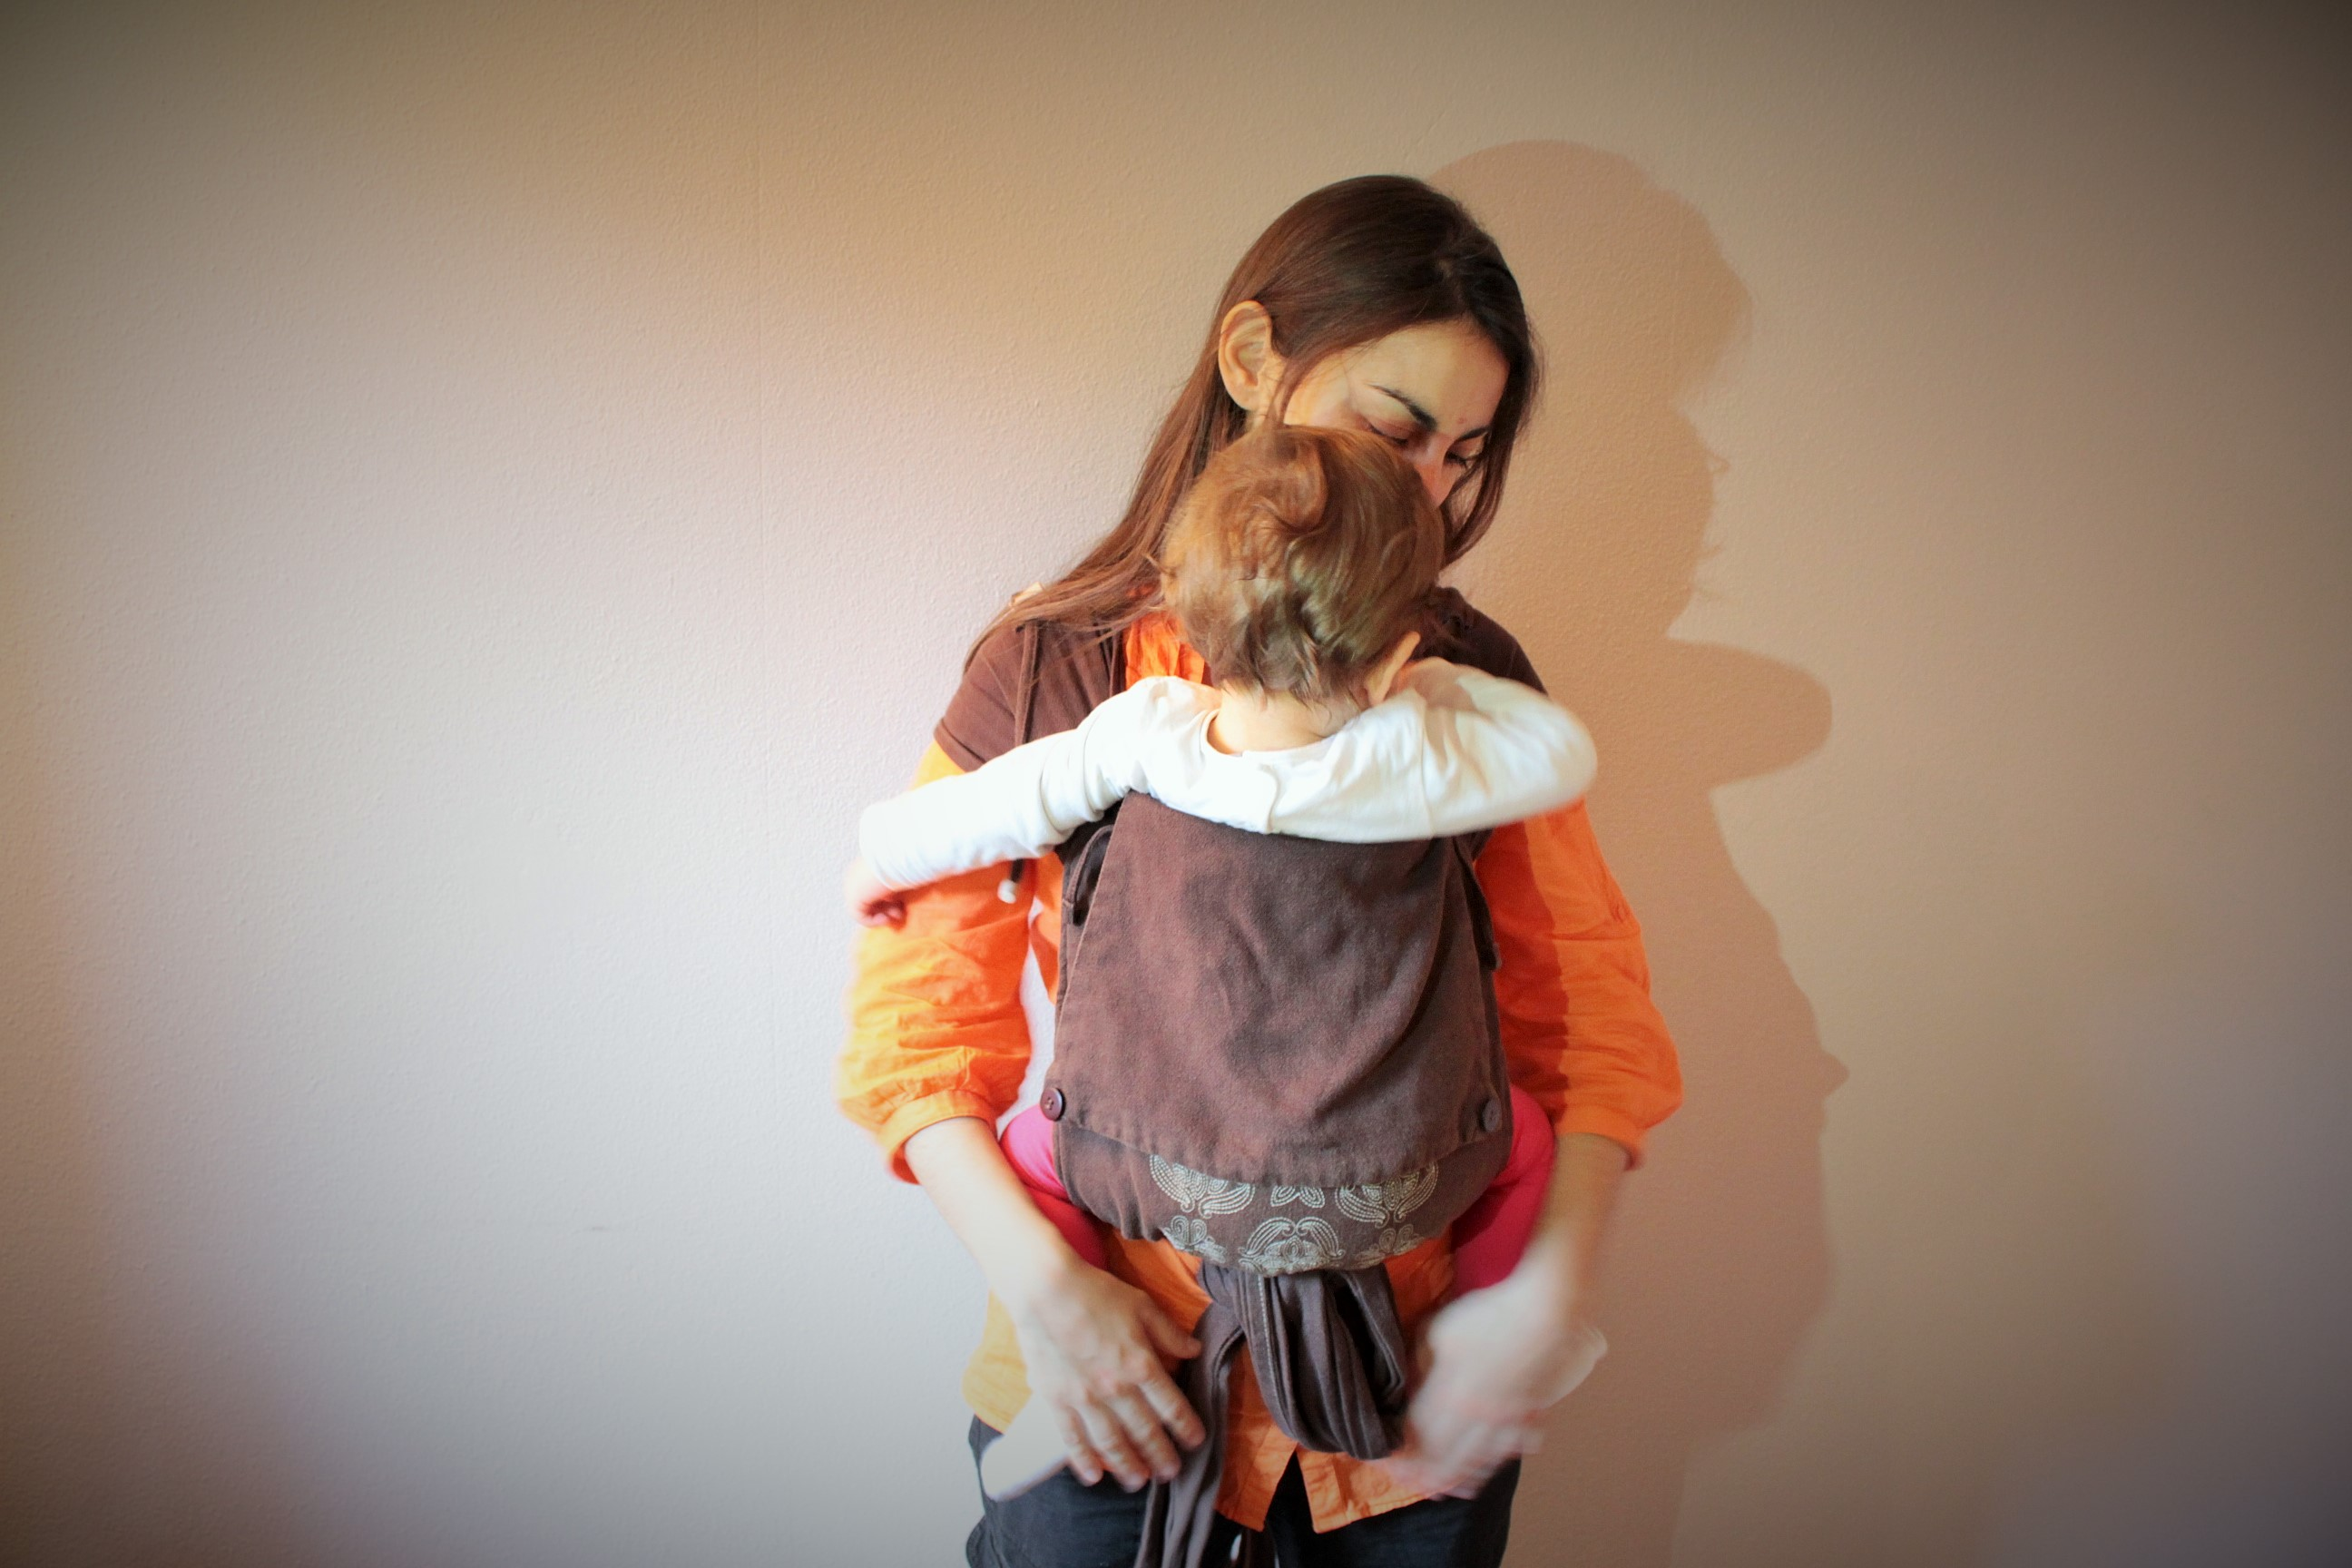 b4f826e64956 Situé à mi-chemin entre l écharpe et le porte-bébé préformé, le porte-bébé  asiatique (aussi appelé mei tai), permet d allier la proximité et le  confort de ...